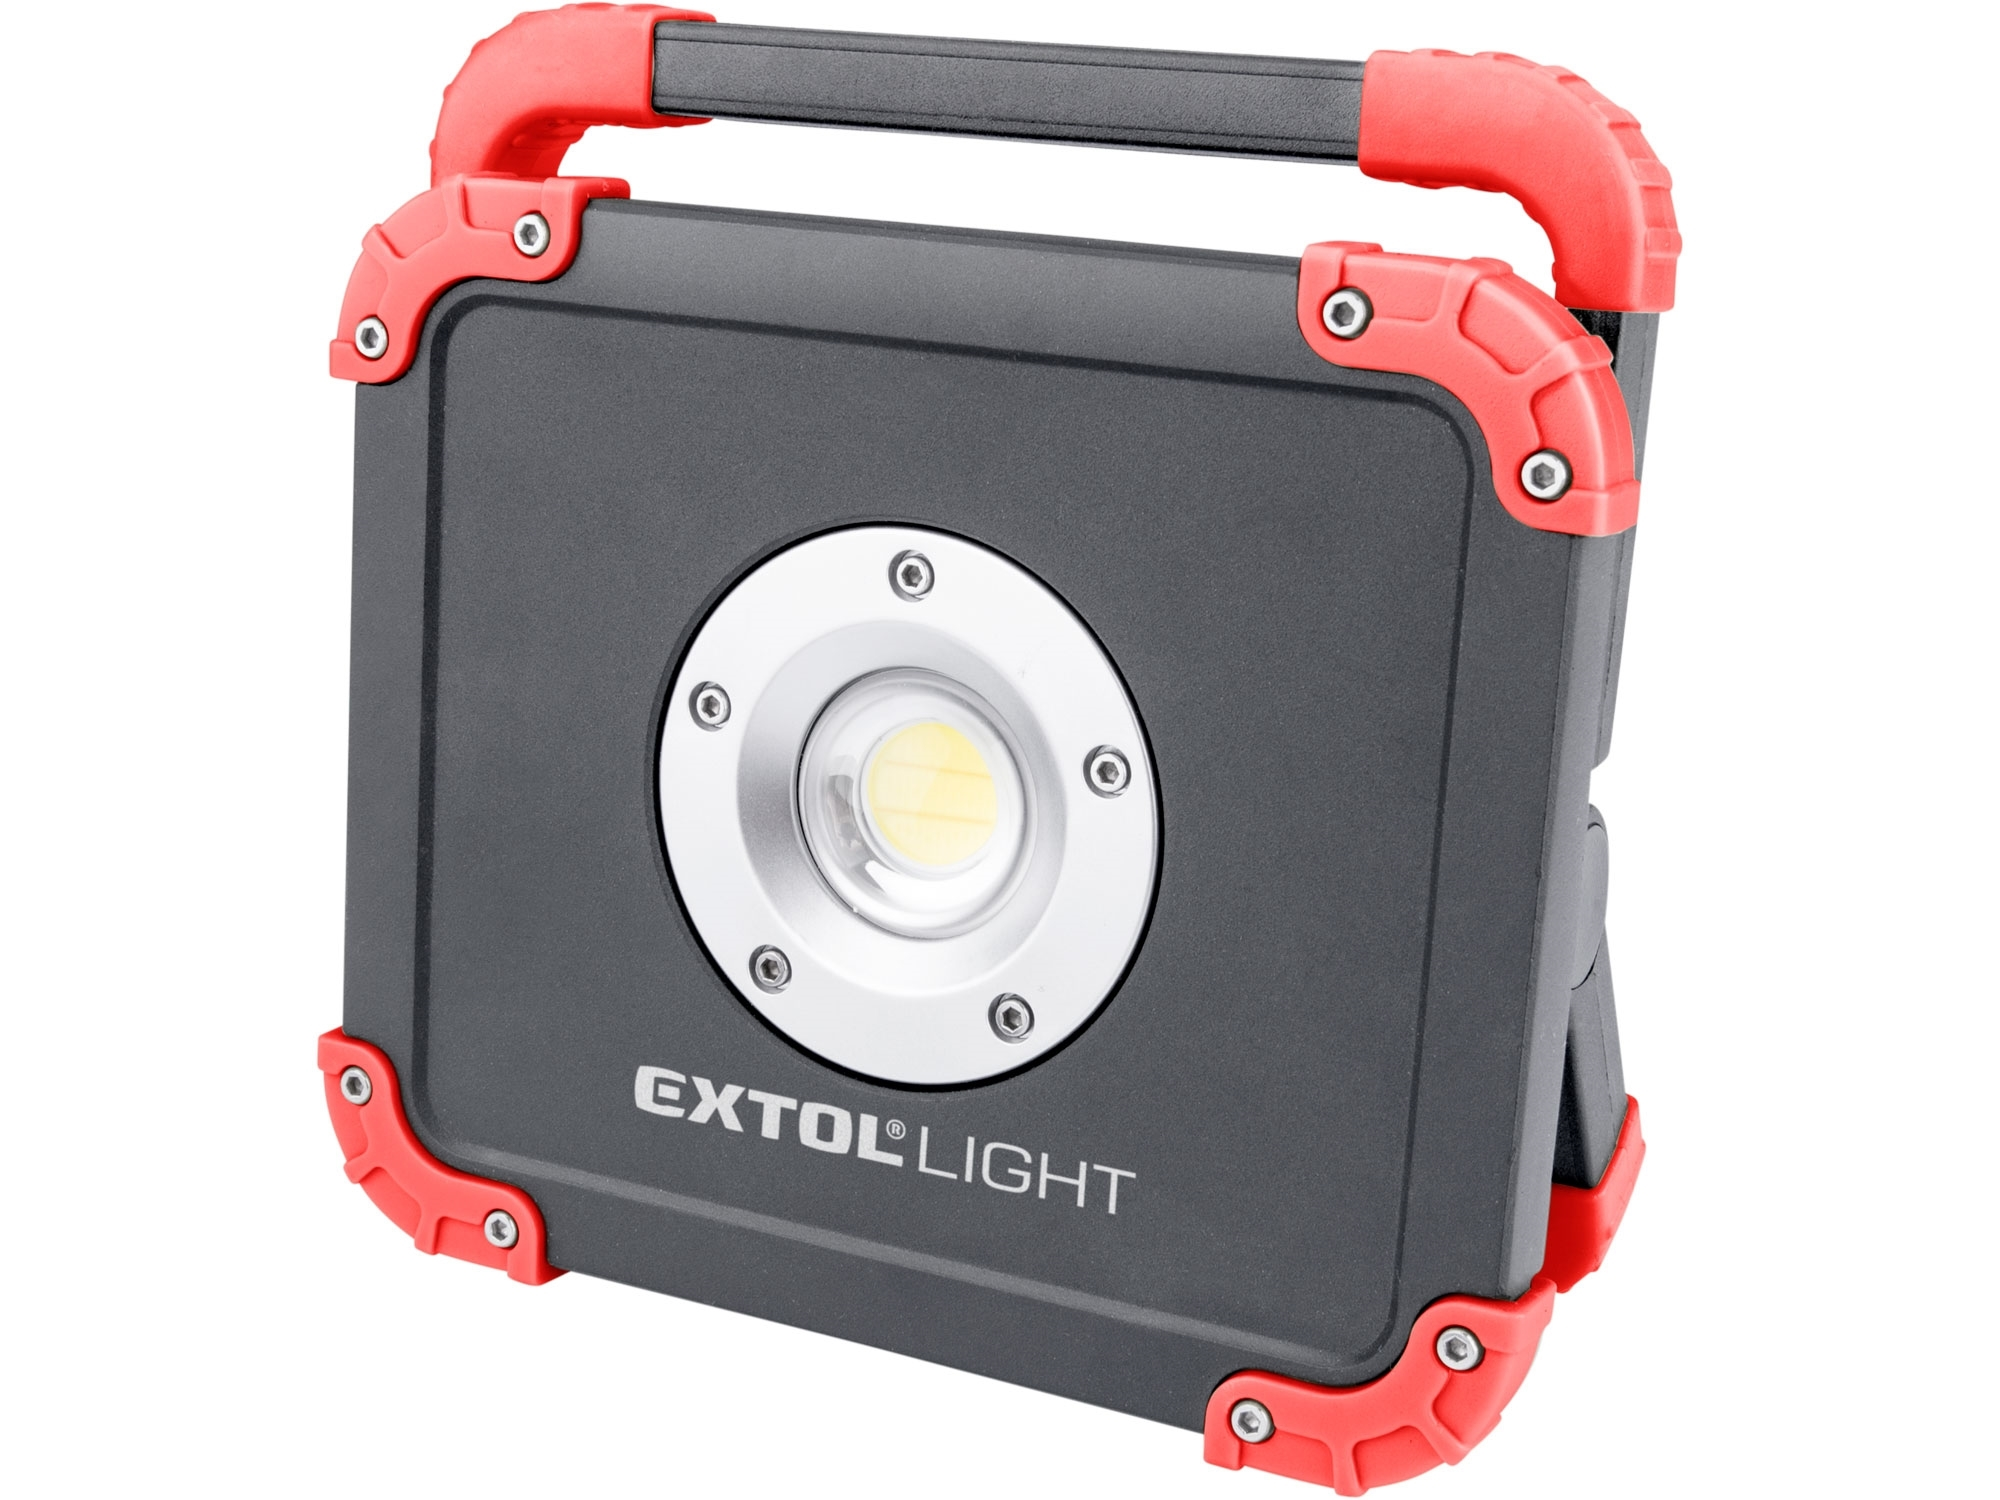 reflector LED nabíjecí s powerbankou, 2000lm, EXTOL LIGHT 43134